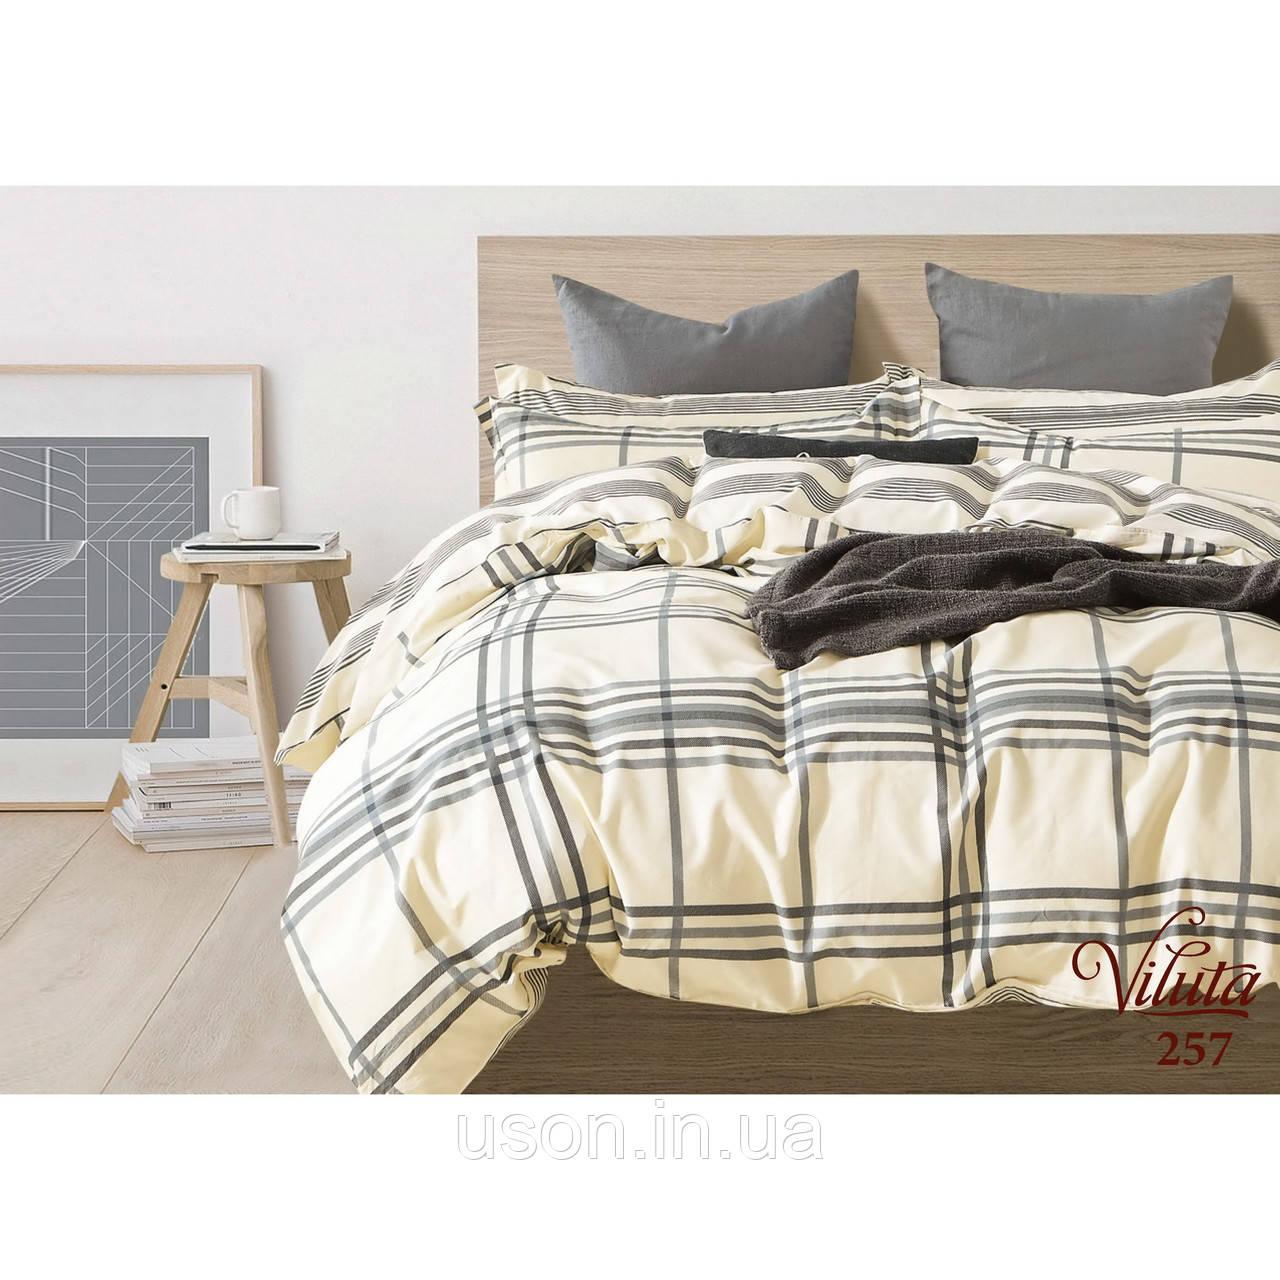 Комплект постельного белья сатин твилл Вилюта 257